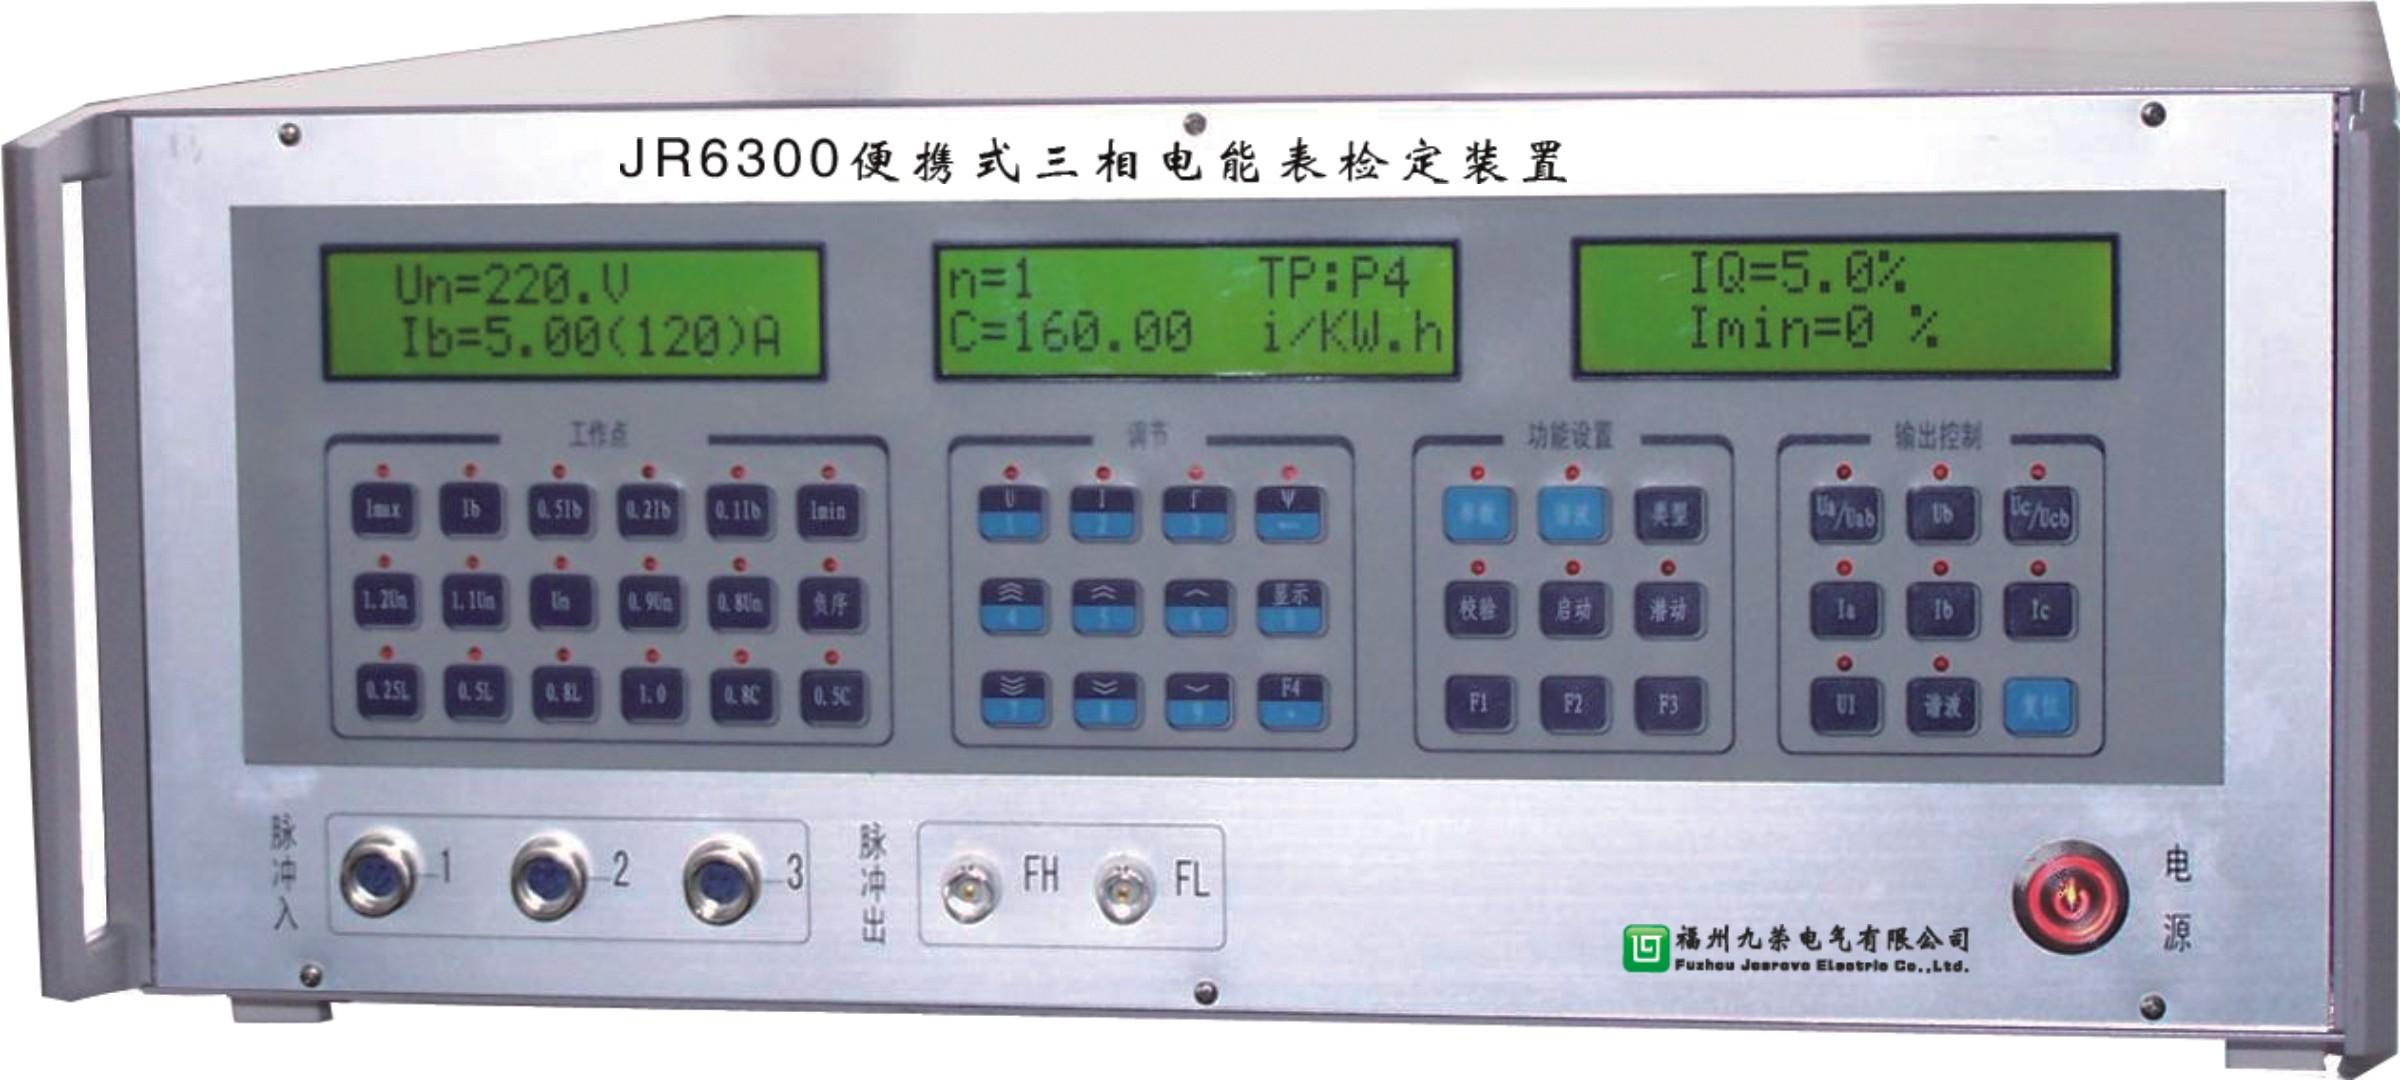 JR6300便携式三相电能表检定装置